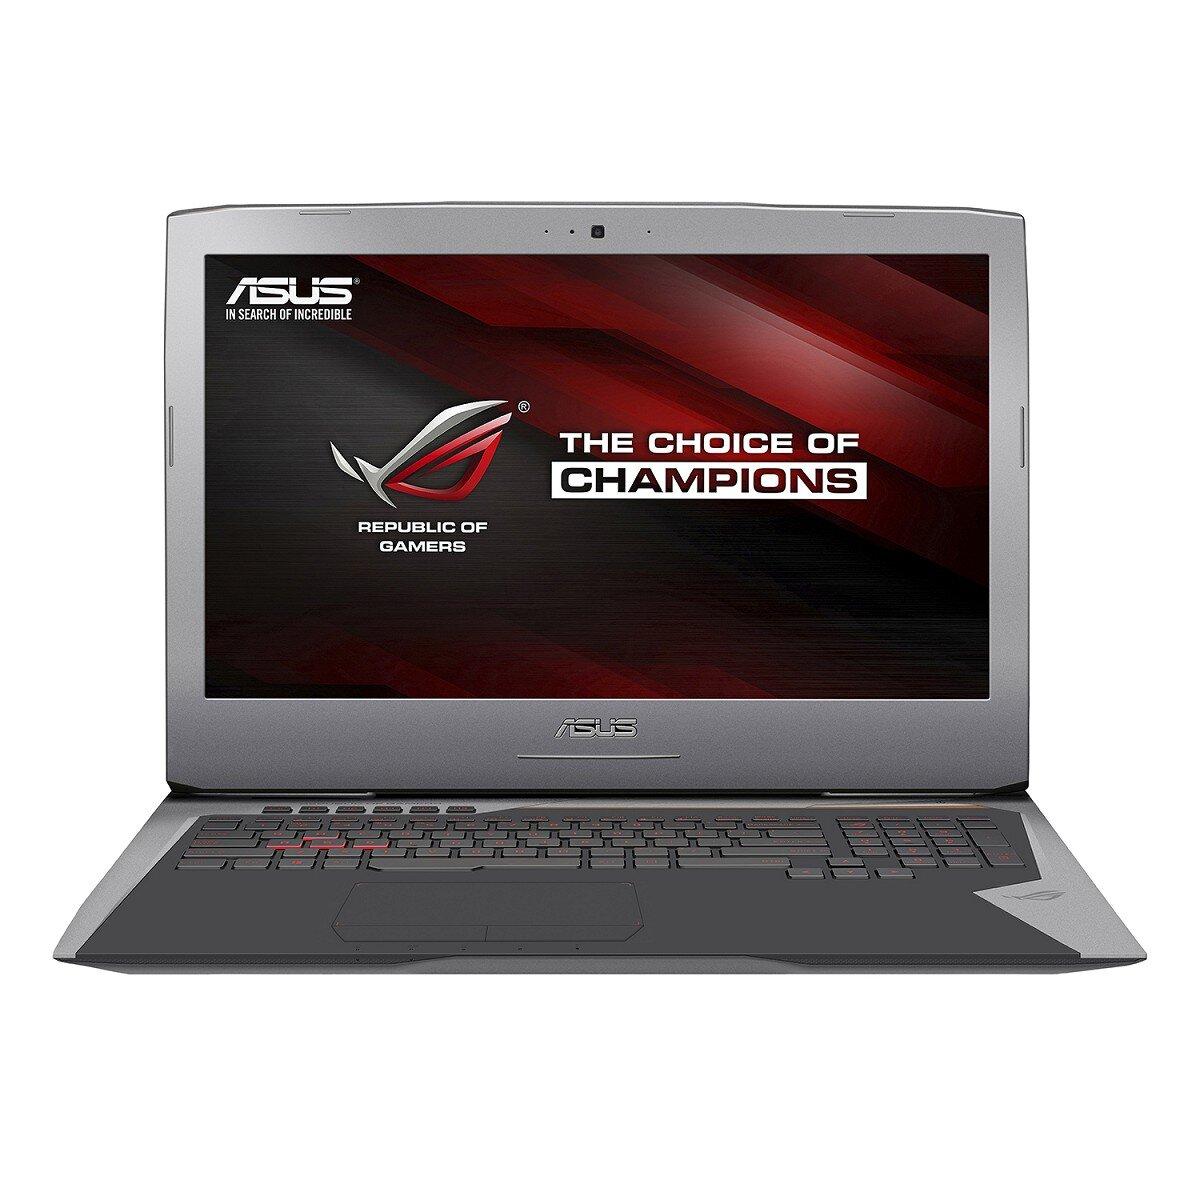 Laptop Asus G701VI-BA018T - Intel Core i7-6820HK, RAM 32GB, SSD 512GB x2, Intel NVIDIA GeForce GTX 1080, 17.3inch